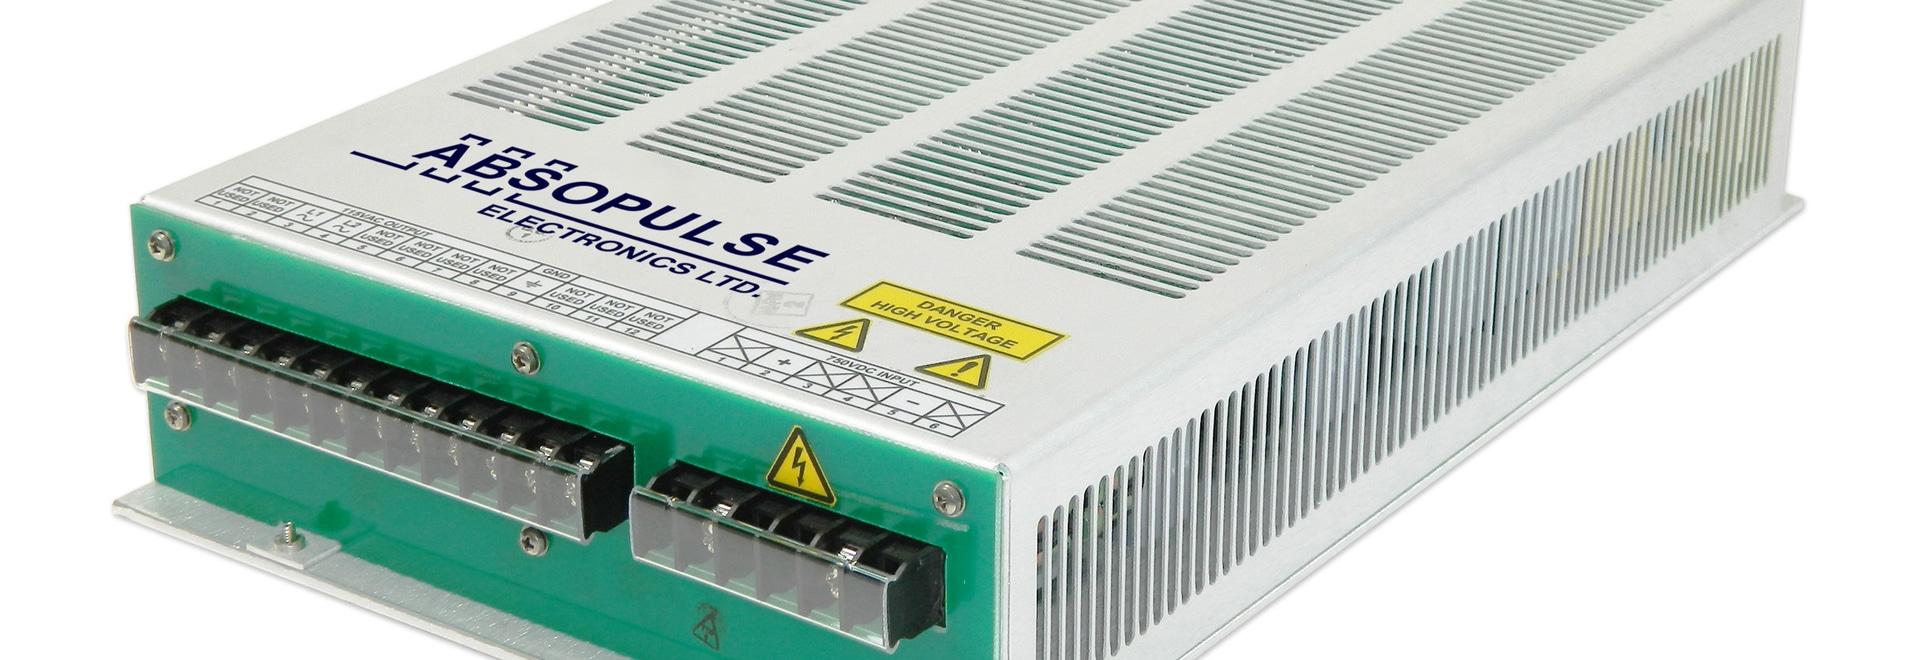 600Vdc (450V to 800V) input, 400VA Industrial DC-AC Sine Wave Inverters